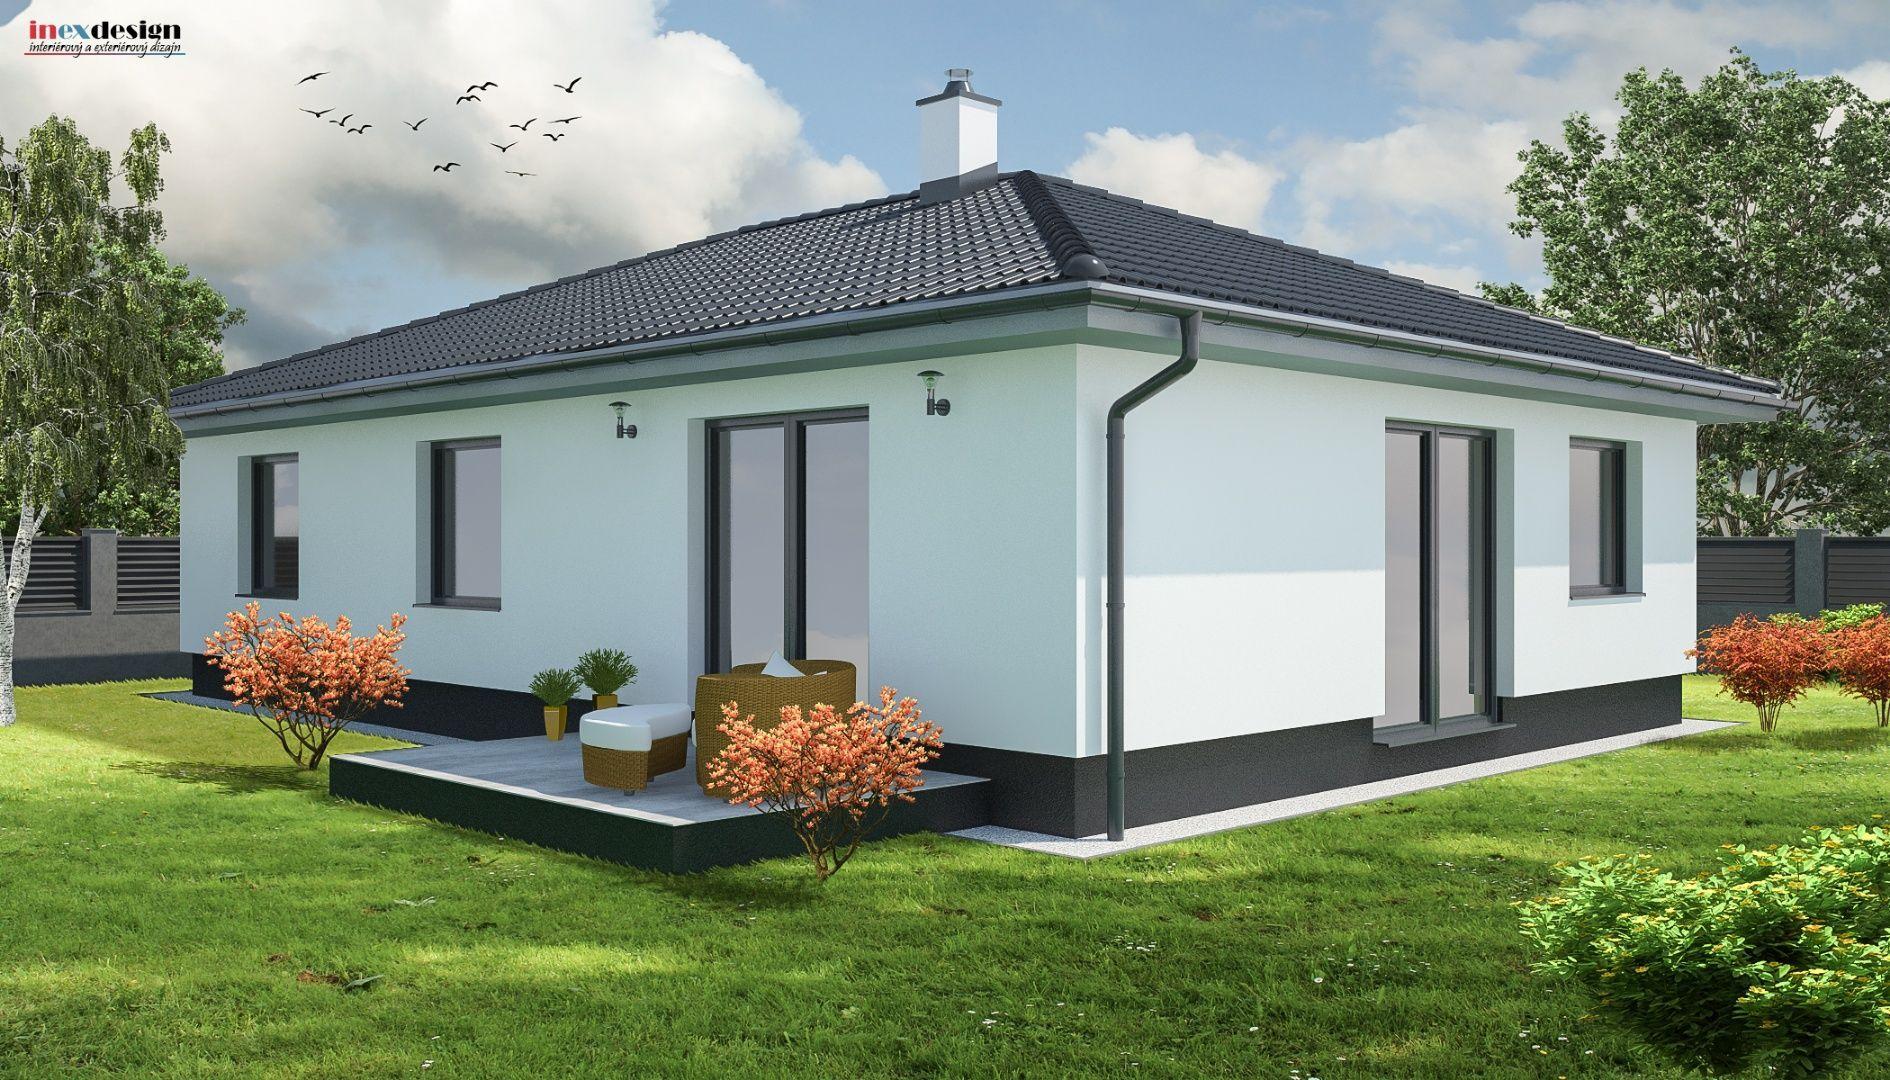 6a0020e4508c6 Ponúkame Vám na predaj NOVOSTAVBA 4 izbového rodinného domu v novej štvrti  Trenčína - Záblatie.